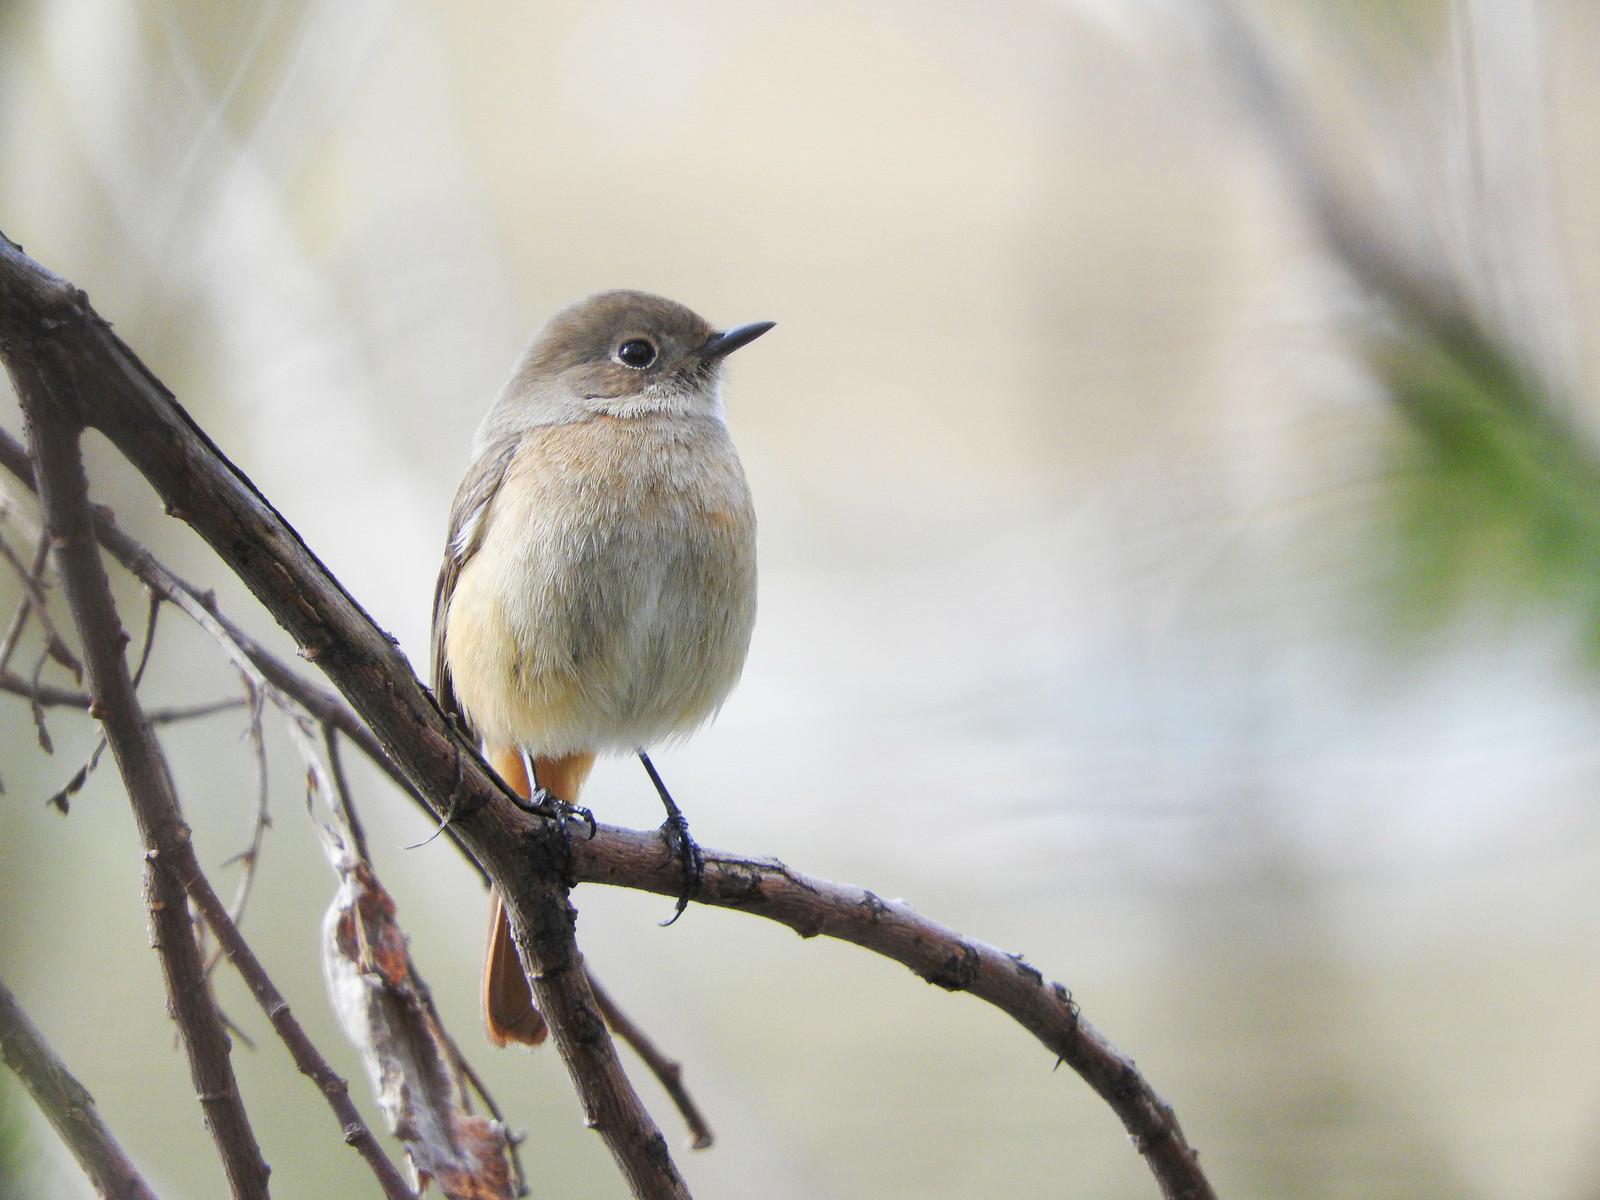 「ジョウビタキのメス(野鳥)」の写真